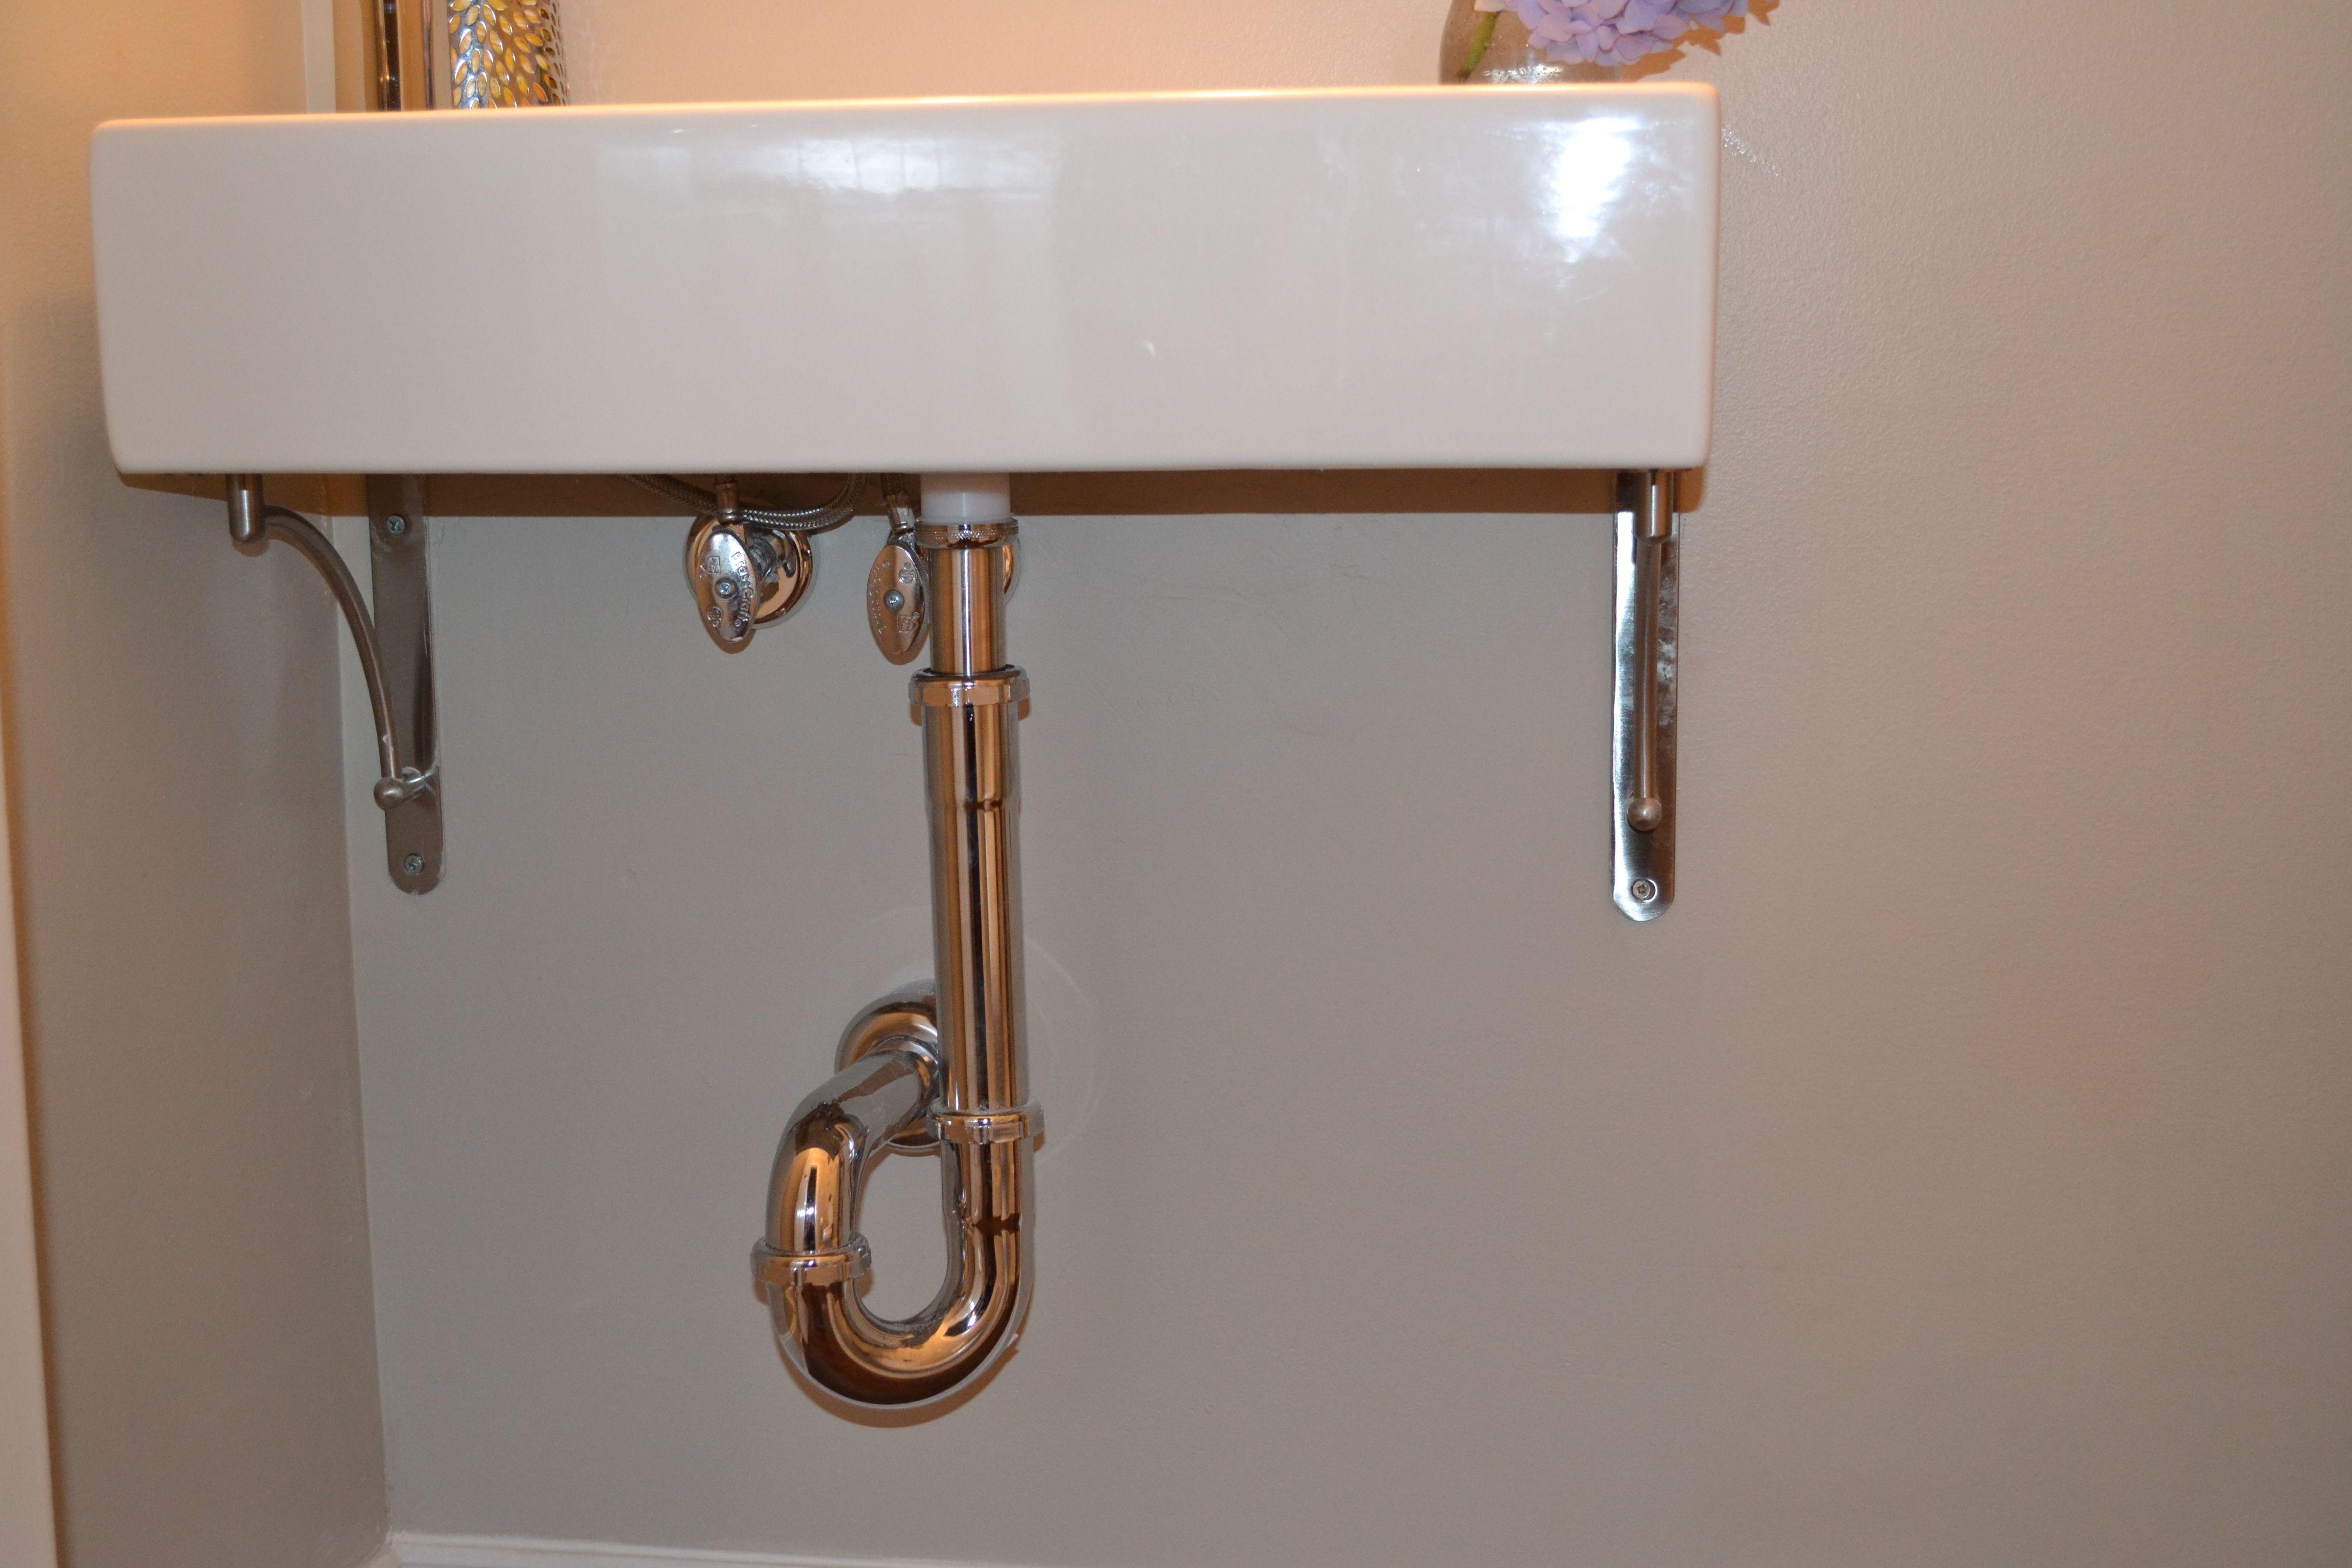 Incroyable Wall Mounted Sink Ikea Wall, Room Additions, Bath Ideas, Bathroom Ideas,  Wall